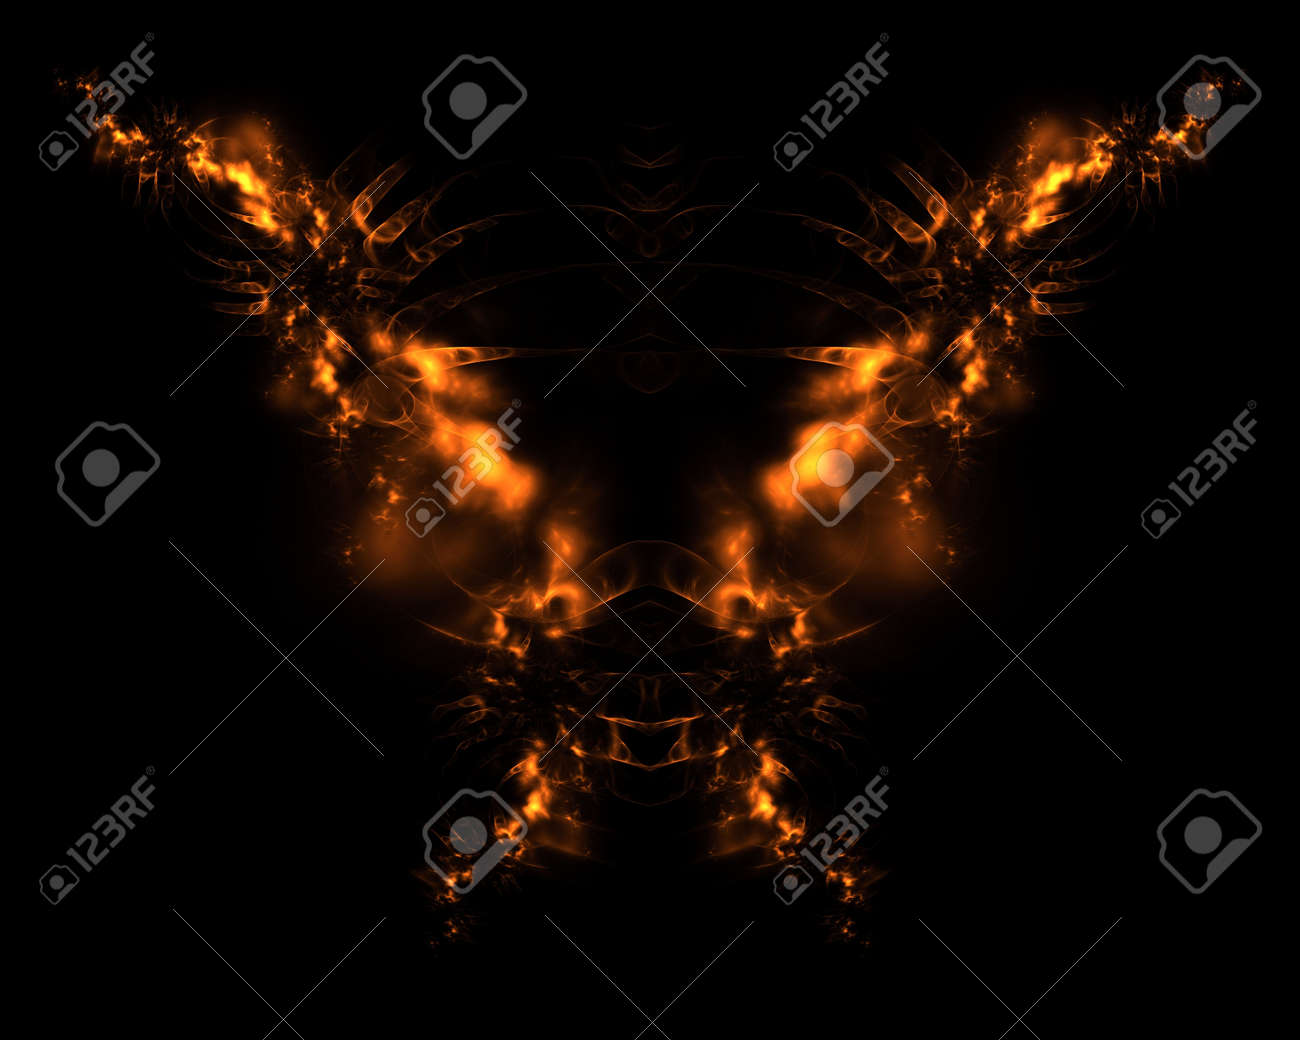 火の悪魔抽象的なフラクタル デザインの背景や壁紙を の写真素材 画像